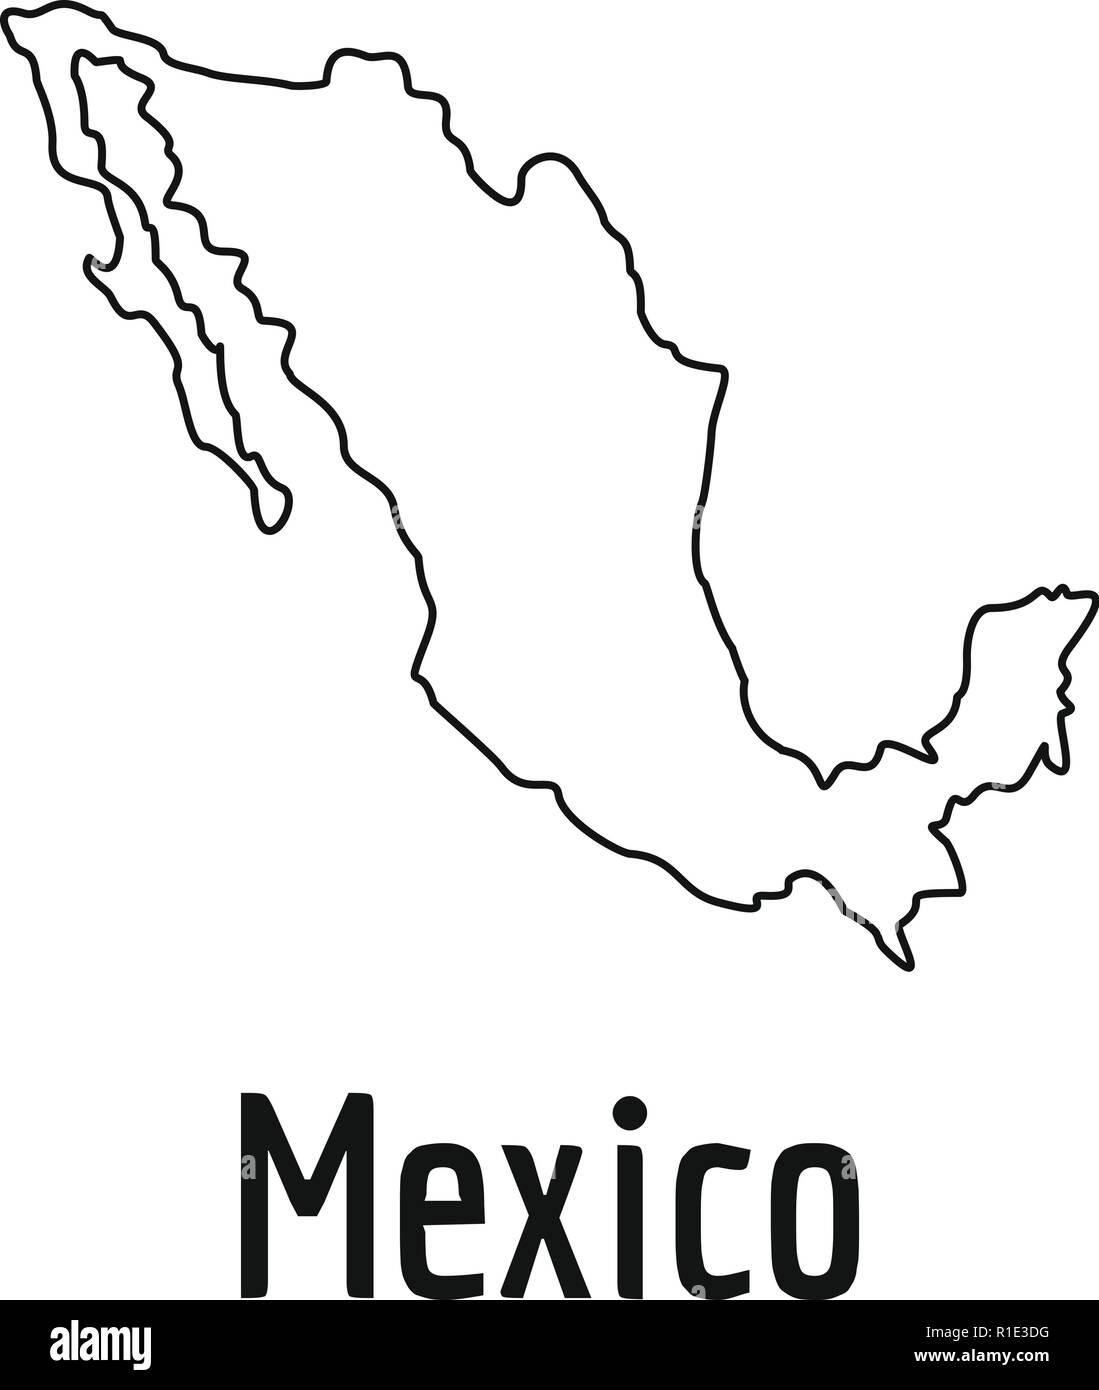 Mexiko Karte Umriss.Mexiko Karte Dunne Linie Einfache Abbildung Von Mexiko